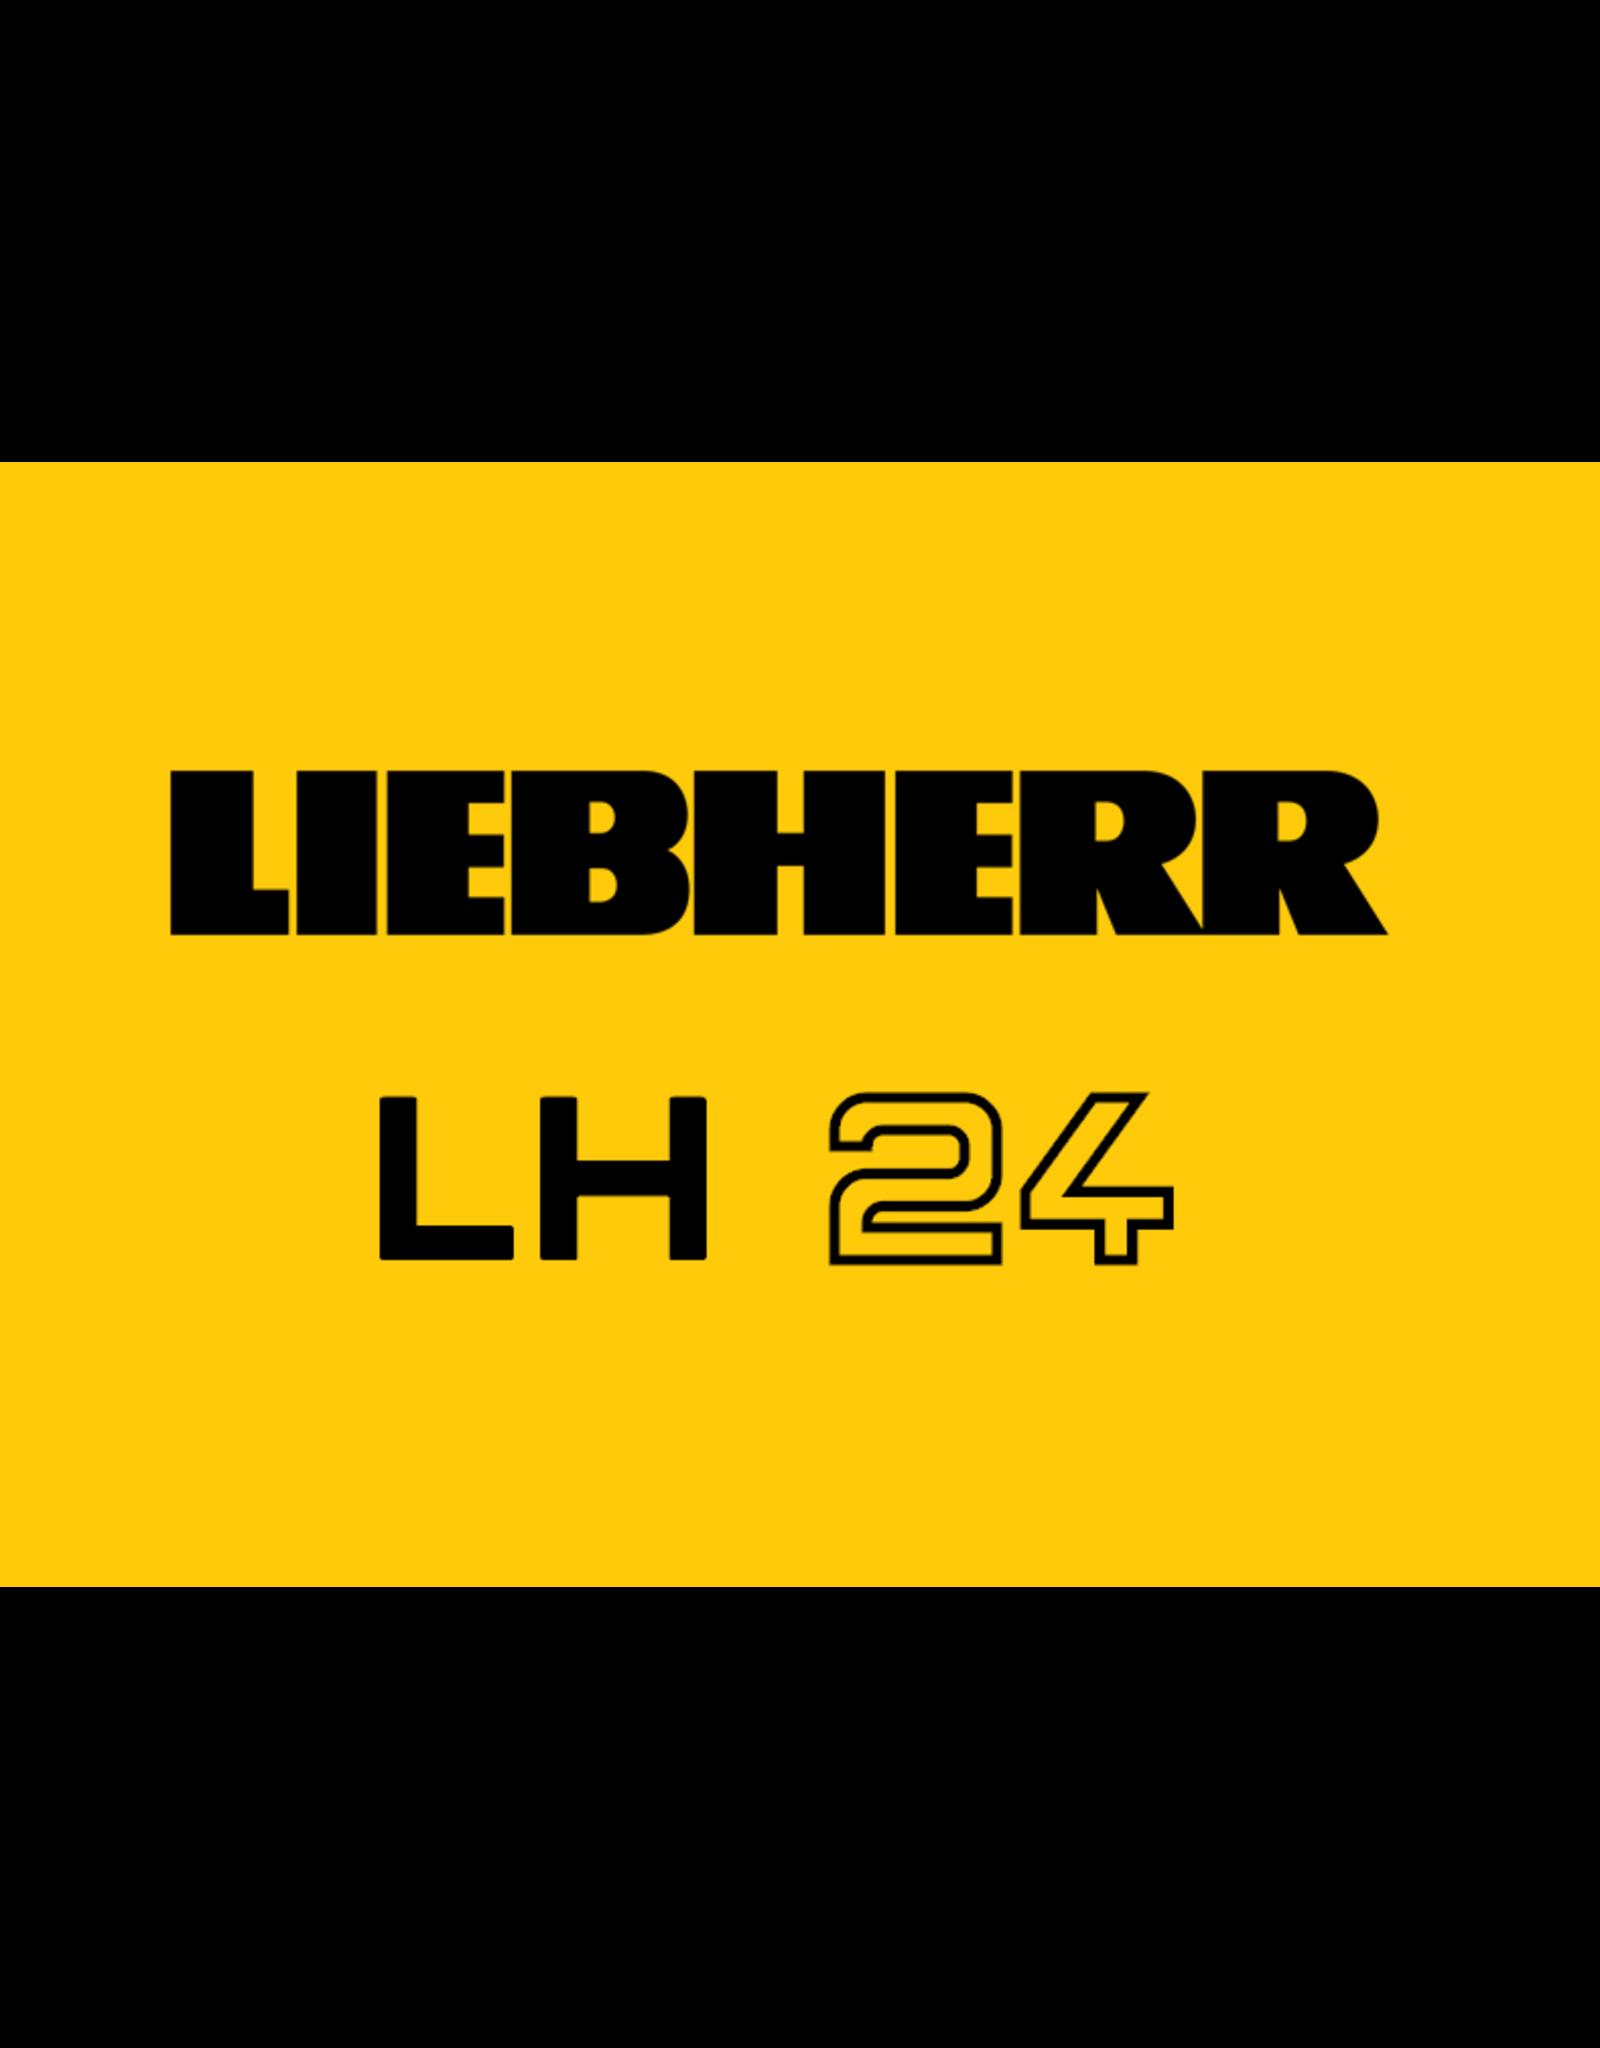 Echle Hartstahl GmbH FOPS for Liebherr LH 24